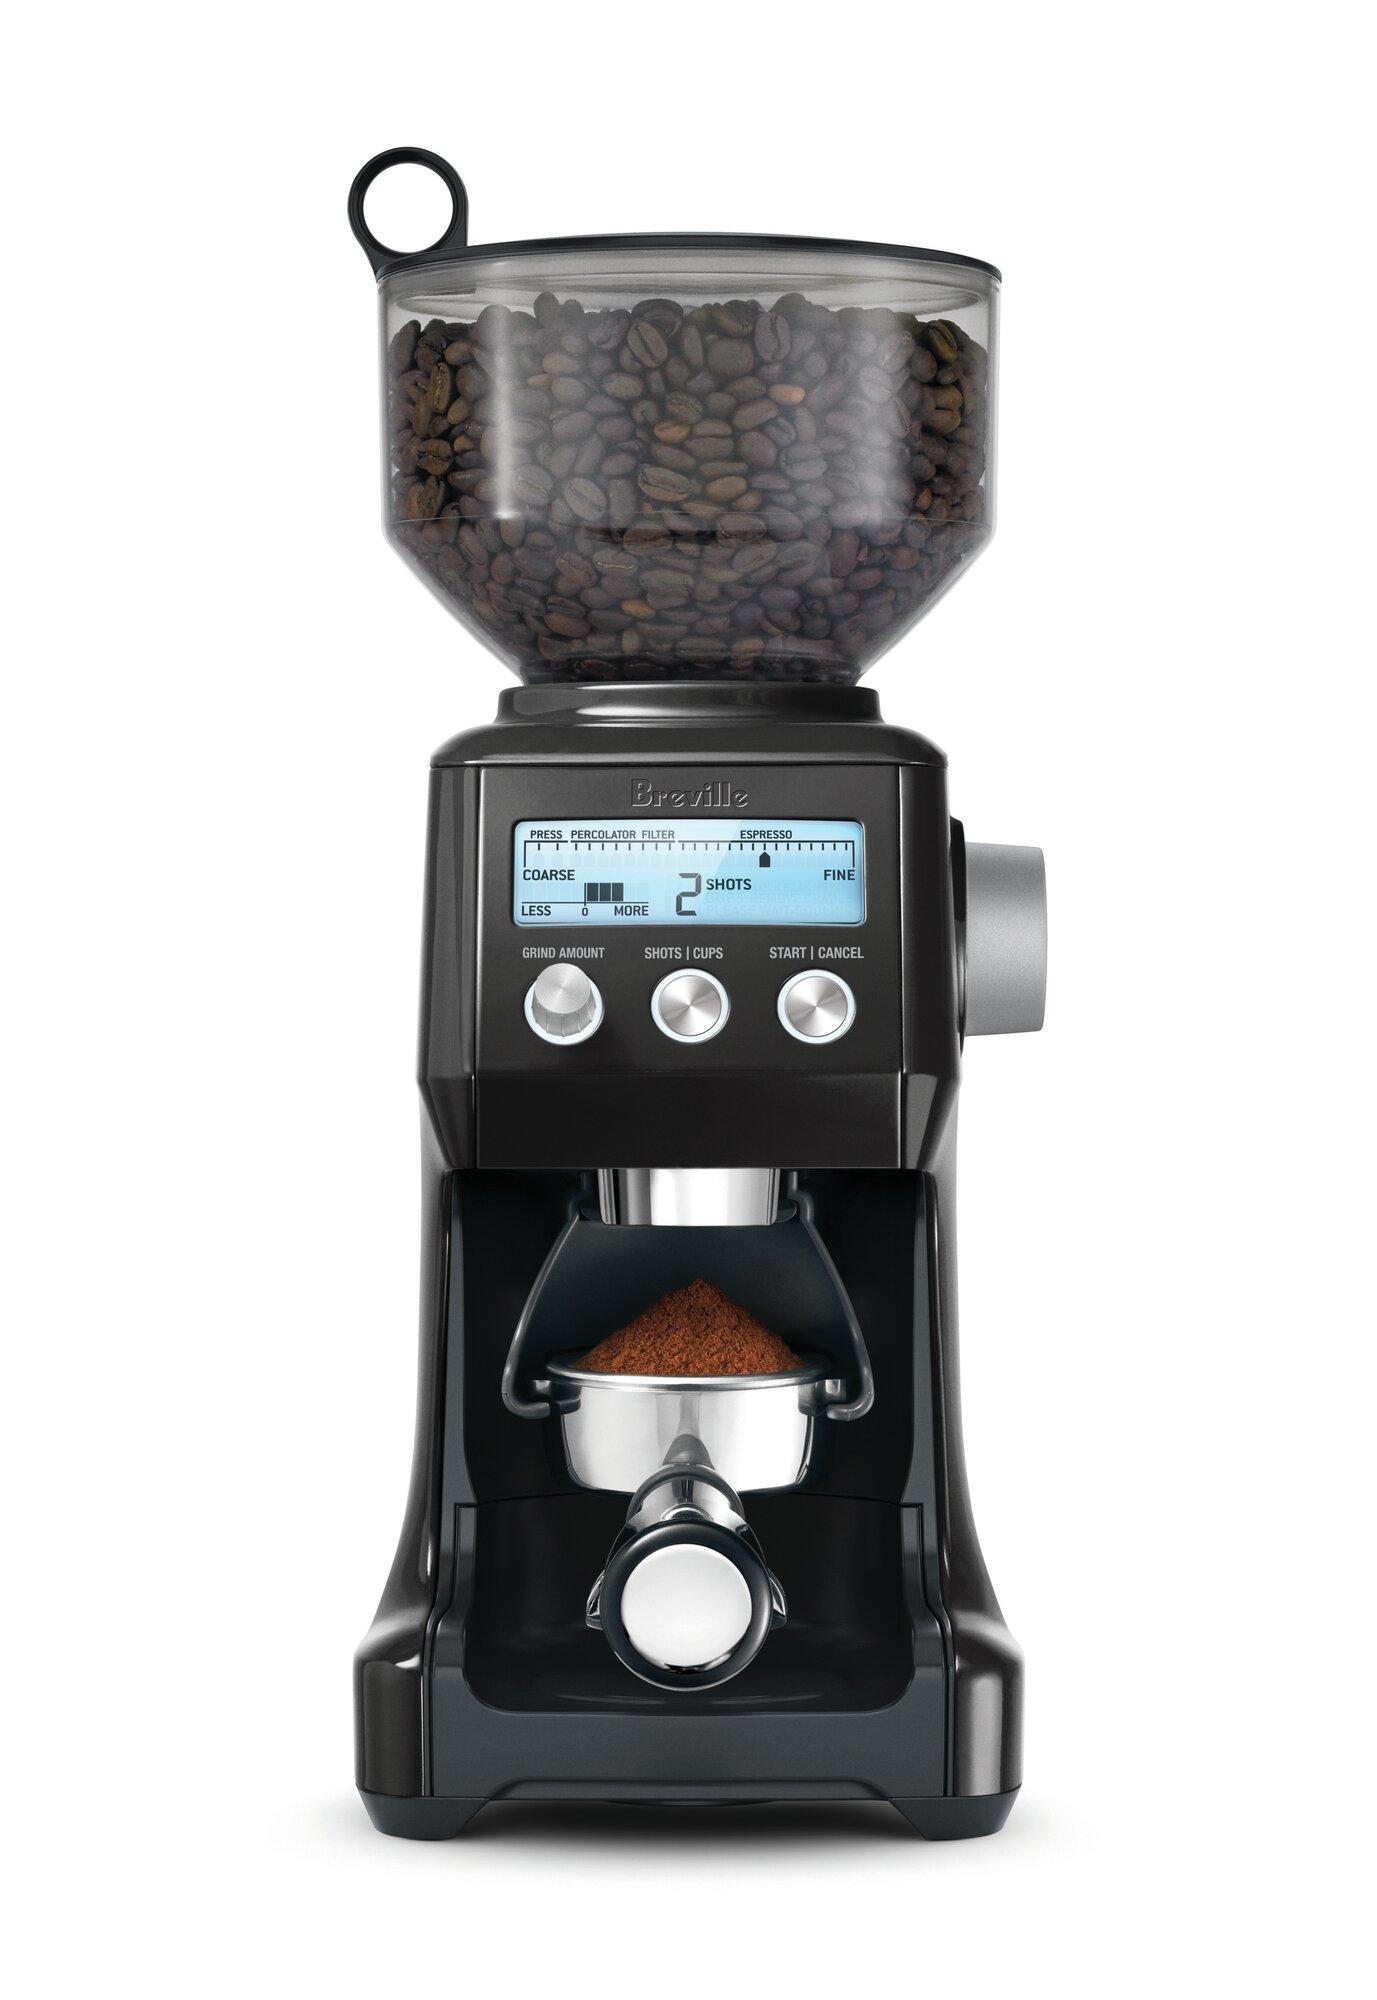 Breville Smart Grinder Die Cast Conical Electric Burr Coffee Grinder eBay